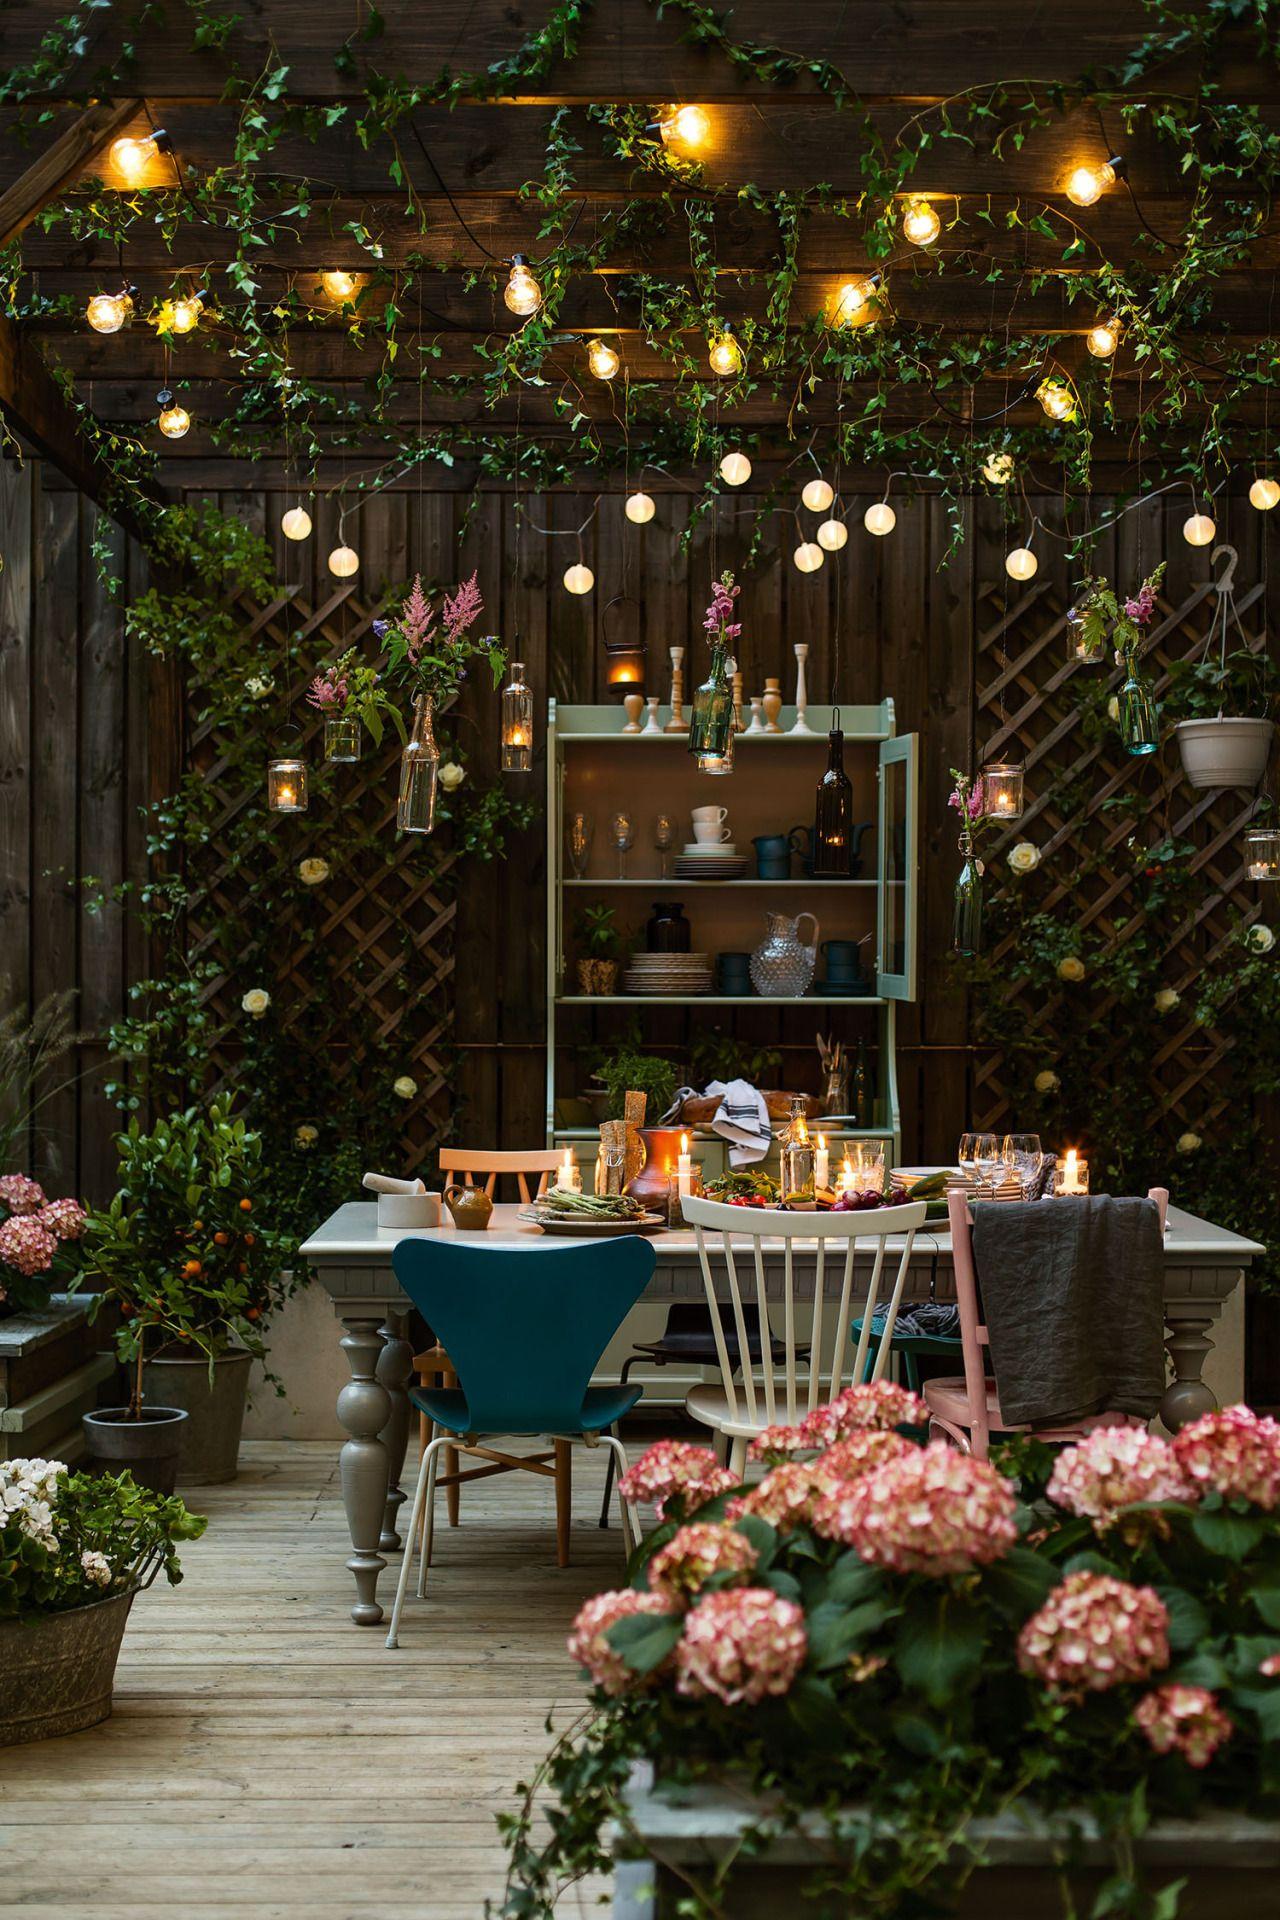 Espacios exteriores con unas luces y las paredes de madera - Luces patio exterior ...